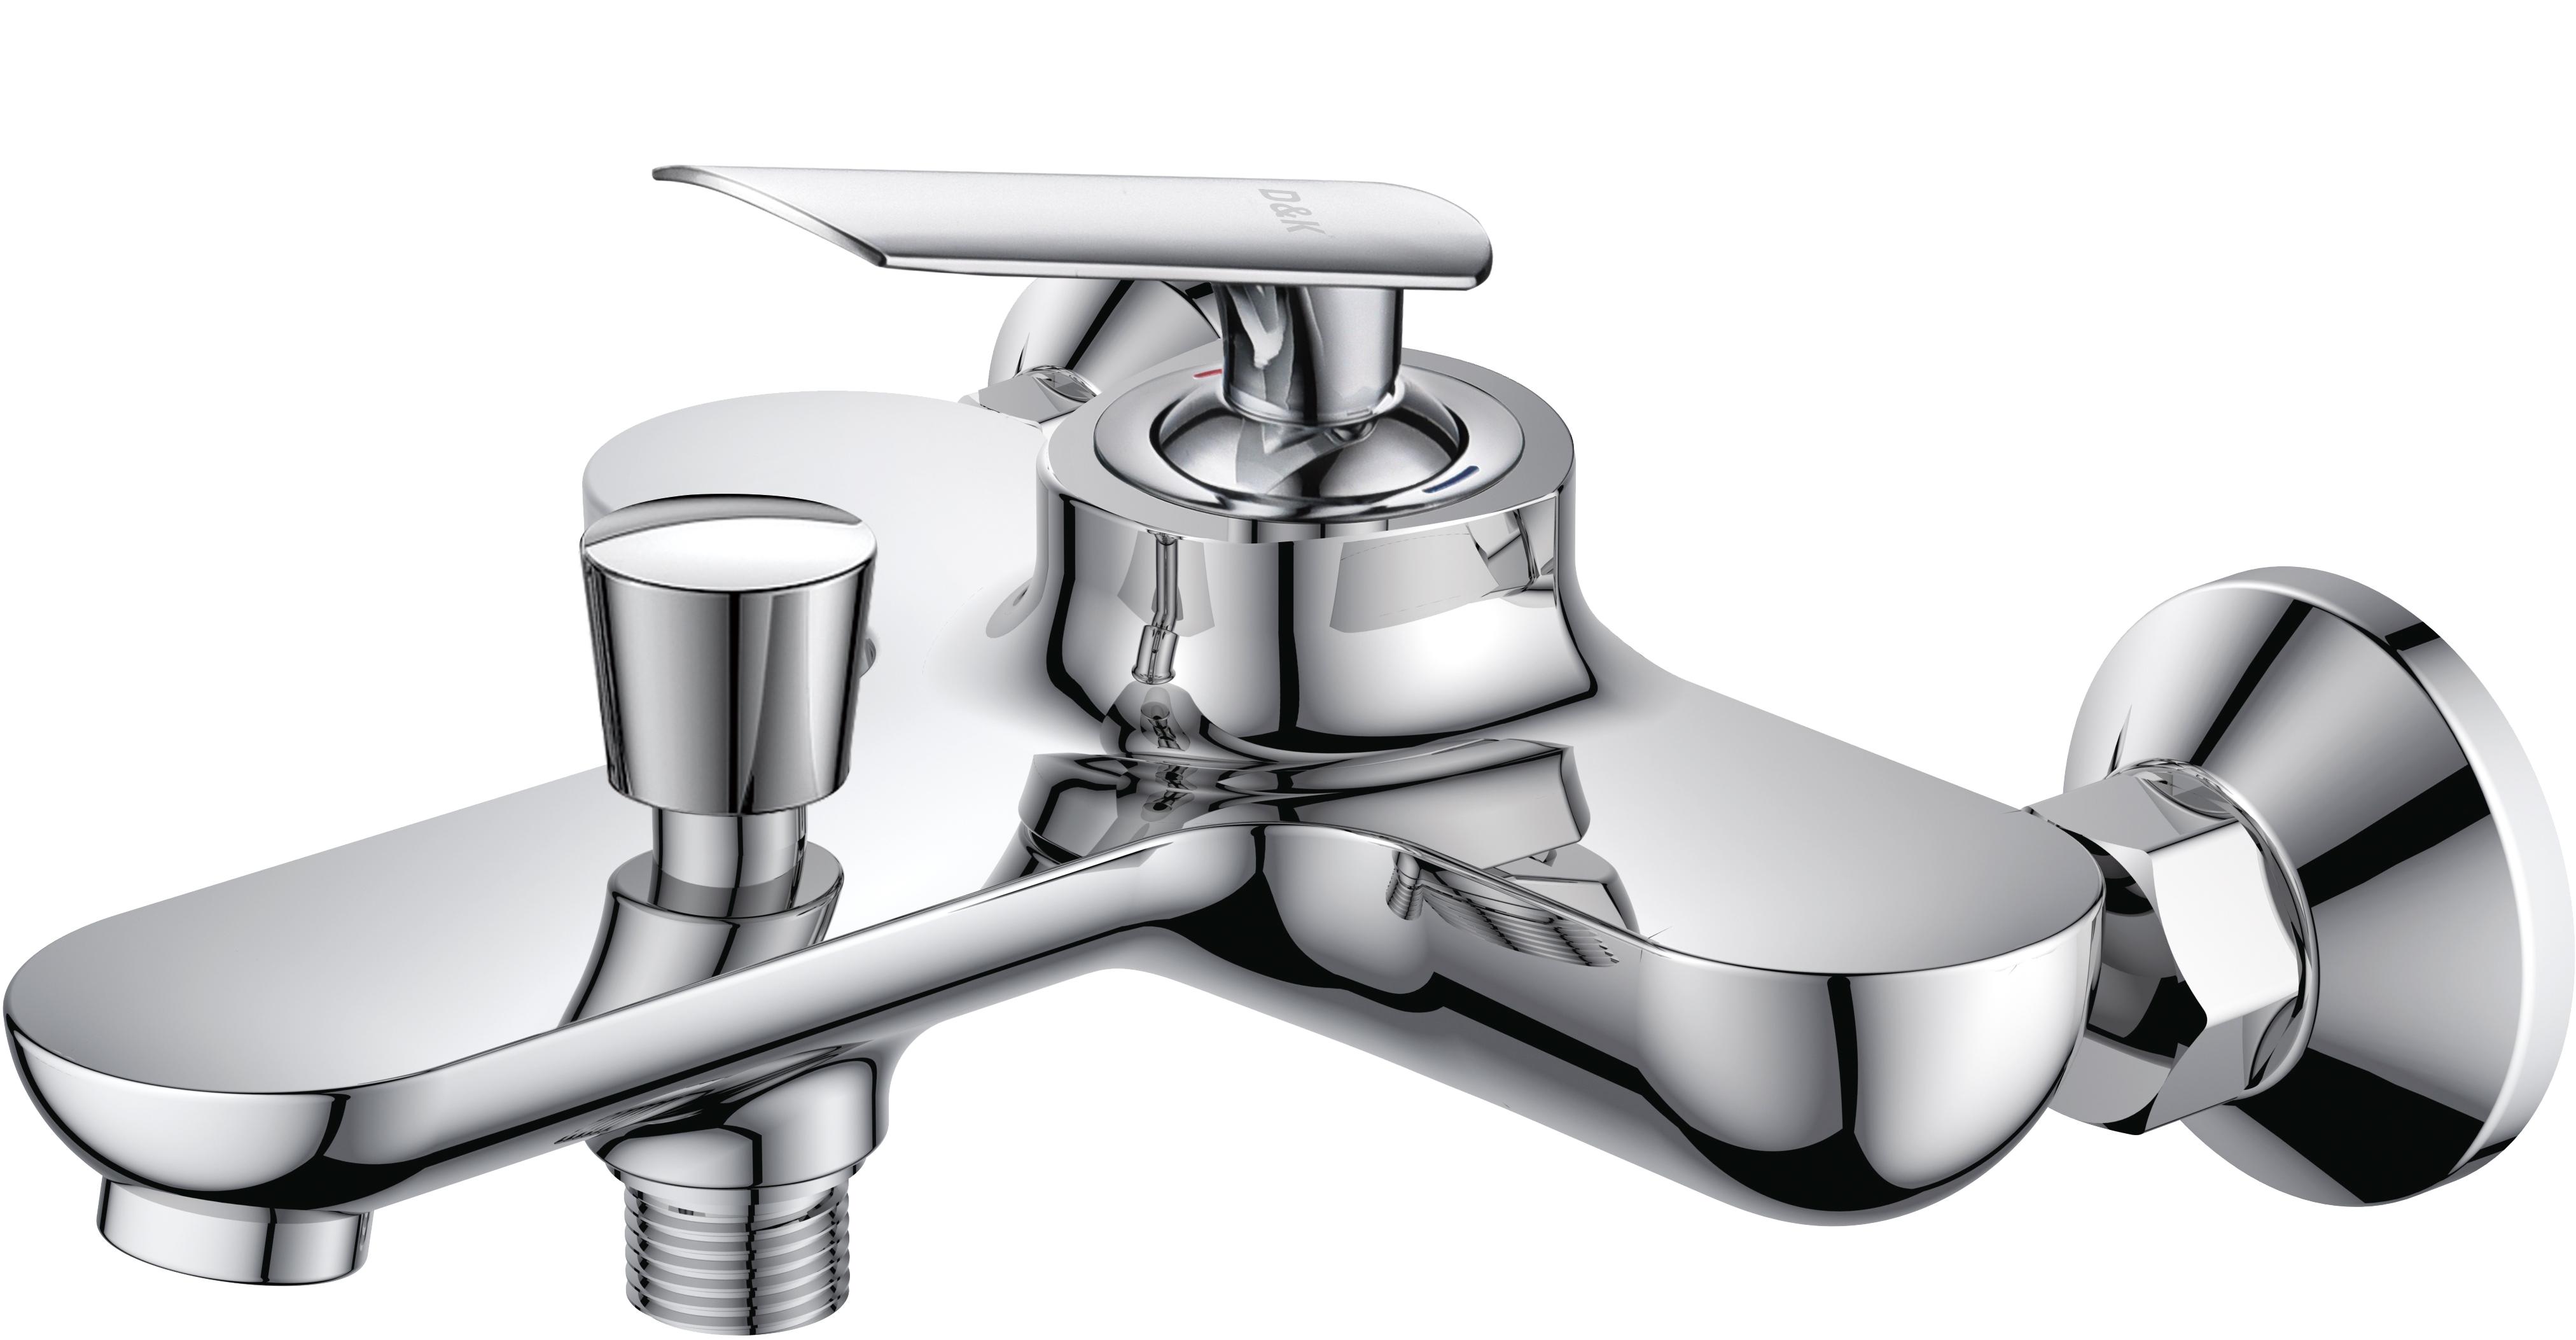 Смеситель для ванны с душем D&K Venice.Gondola DA1023241 короткий излив хром